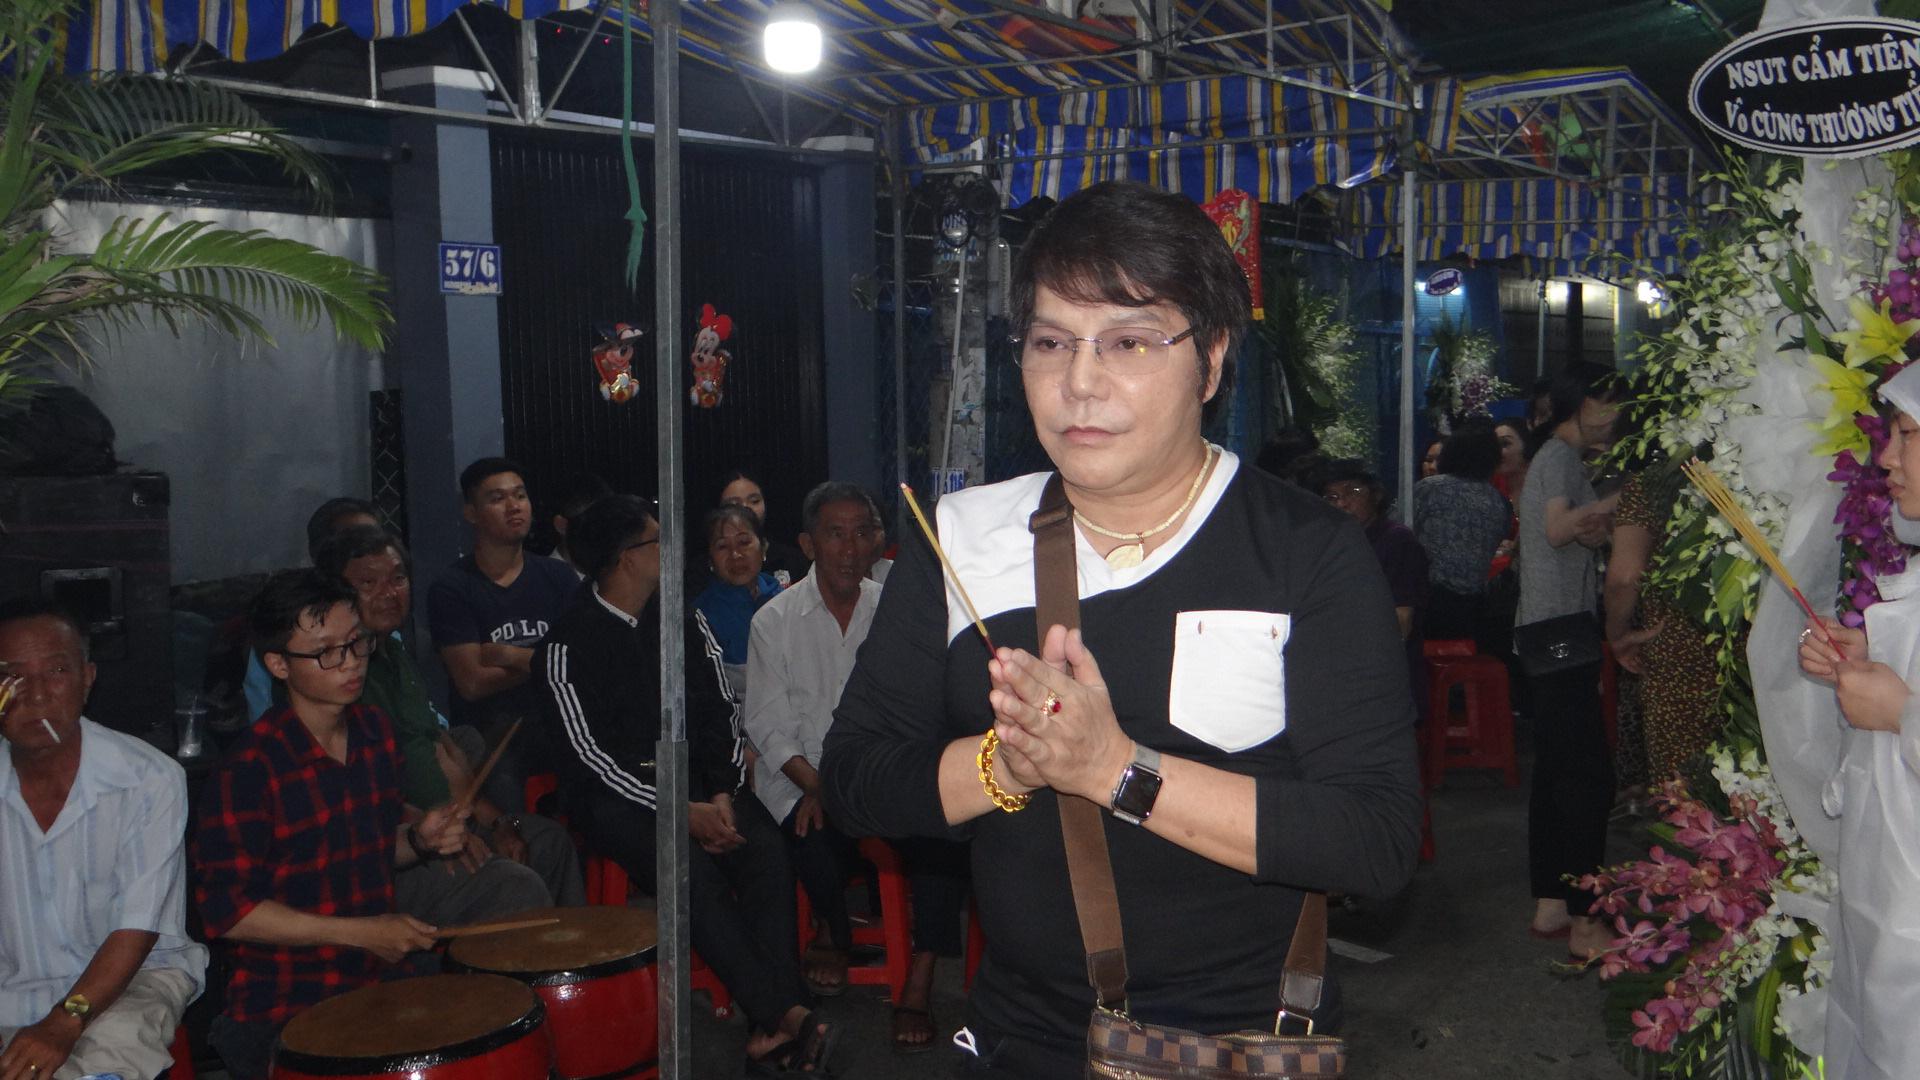 Khán giả ủng hộ 100 triệu đồng an táng NSƯT Chiêu Hùng - Ảnh 12.